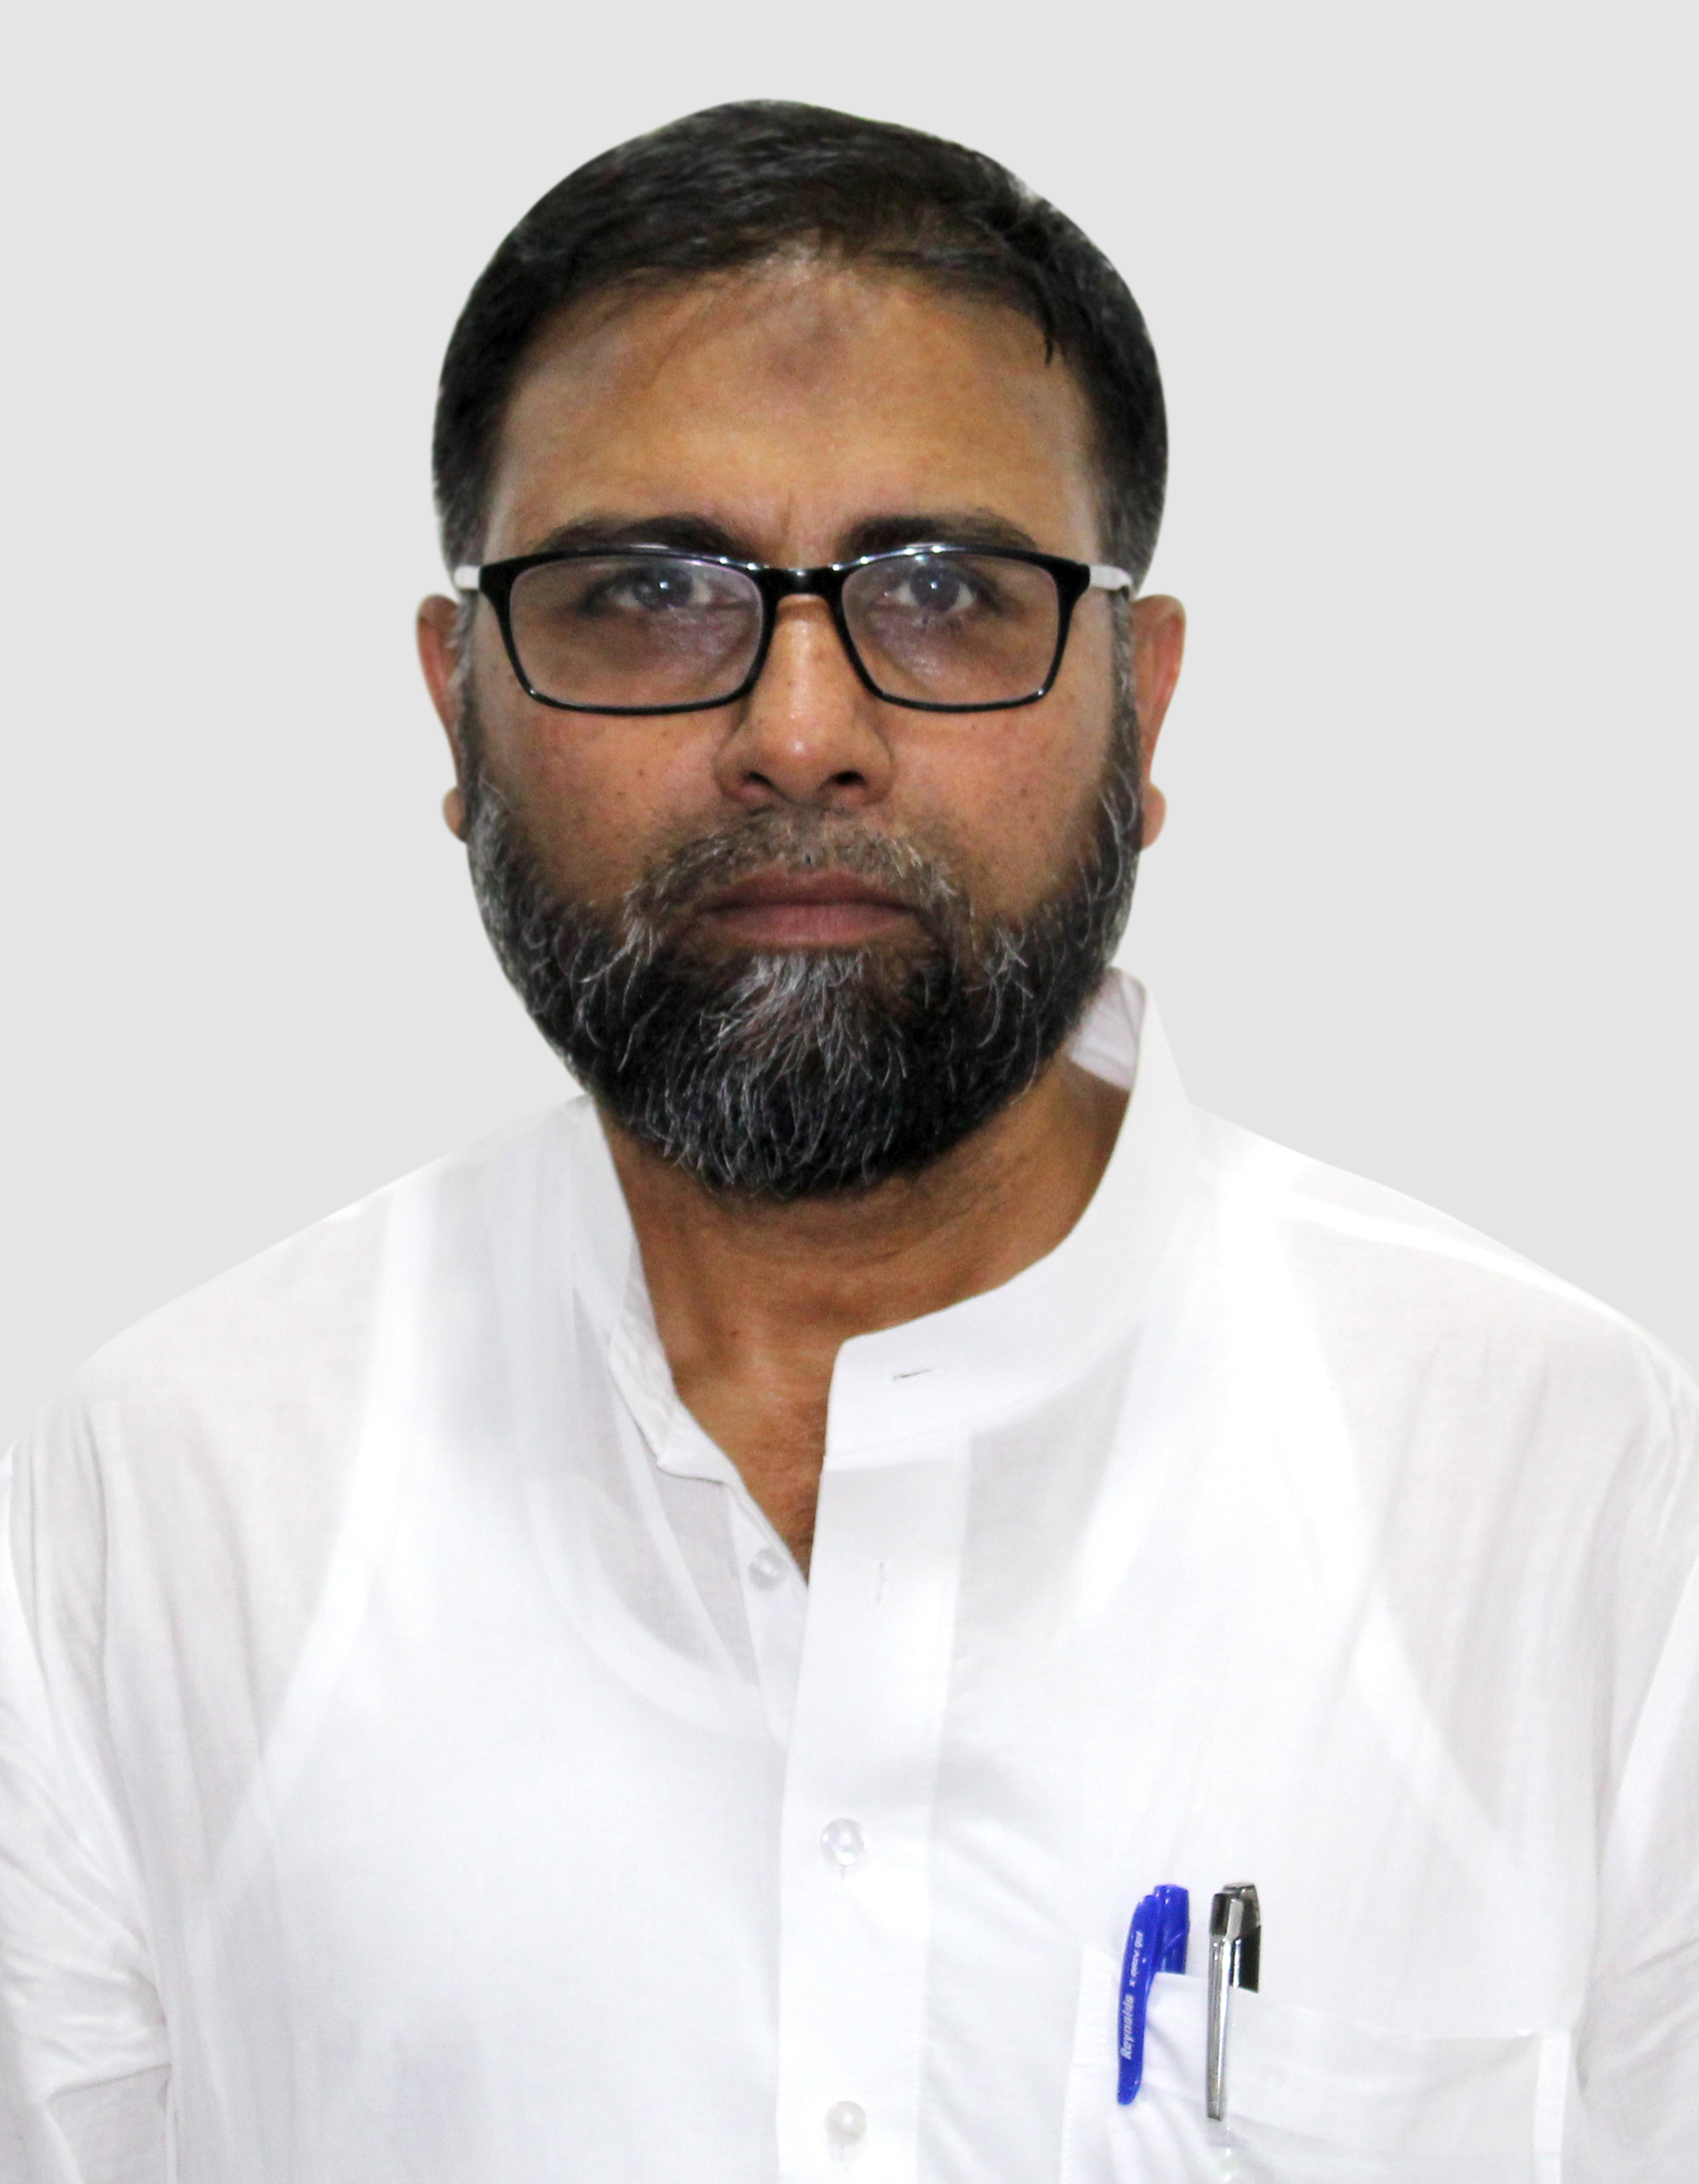 Ahmad Azeez